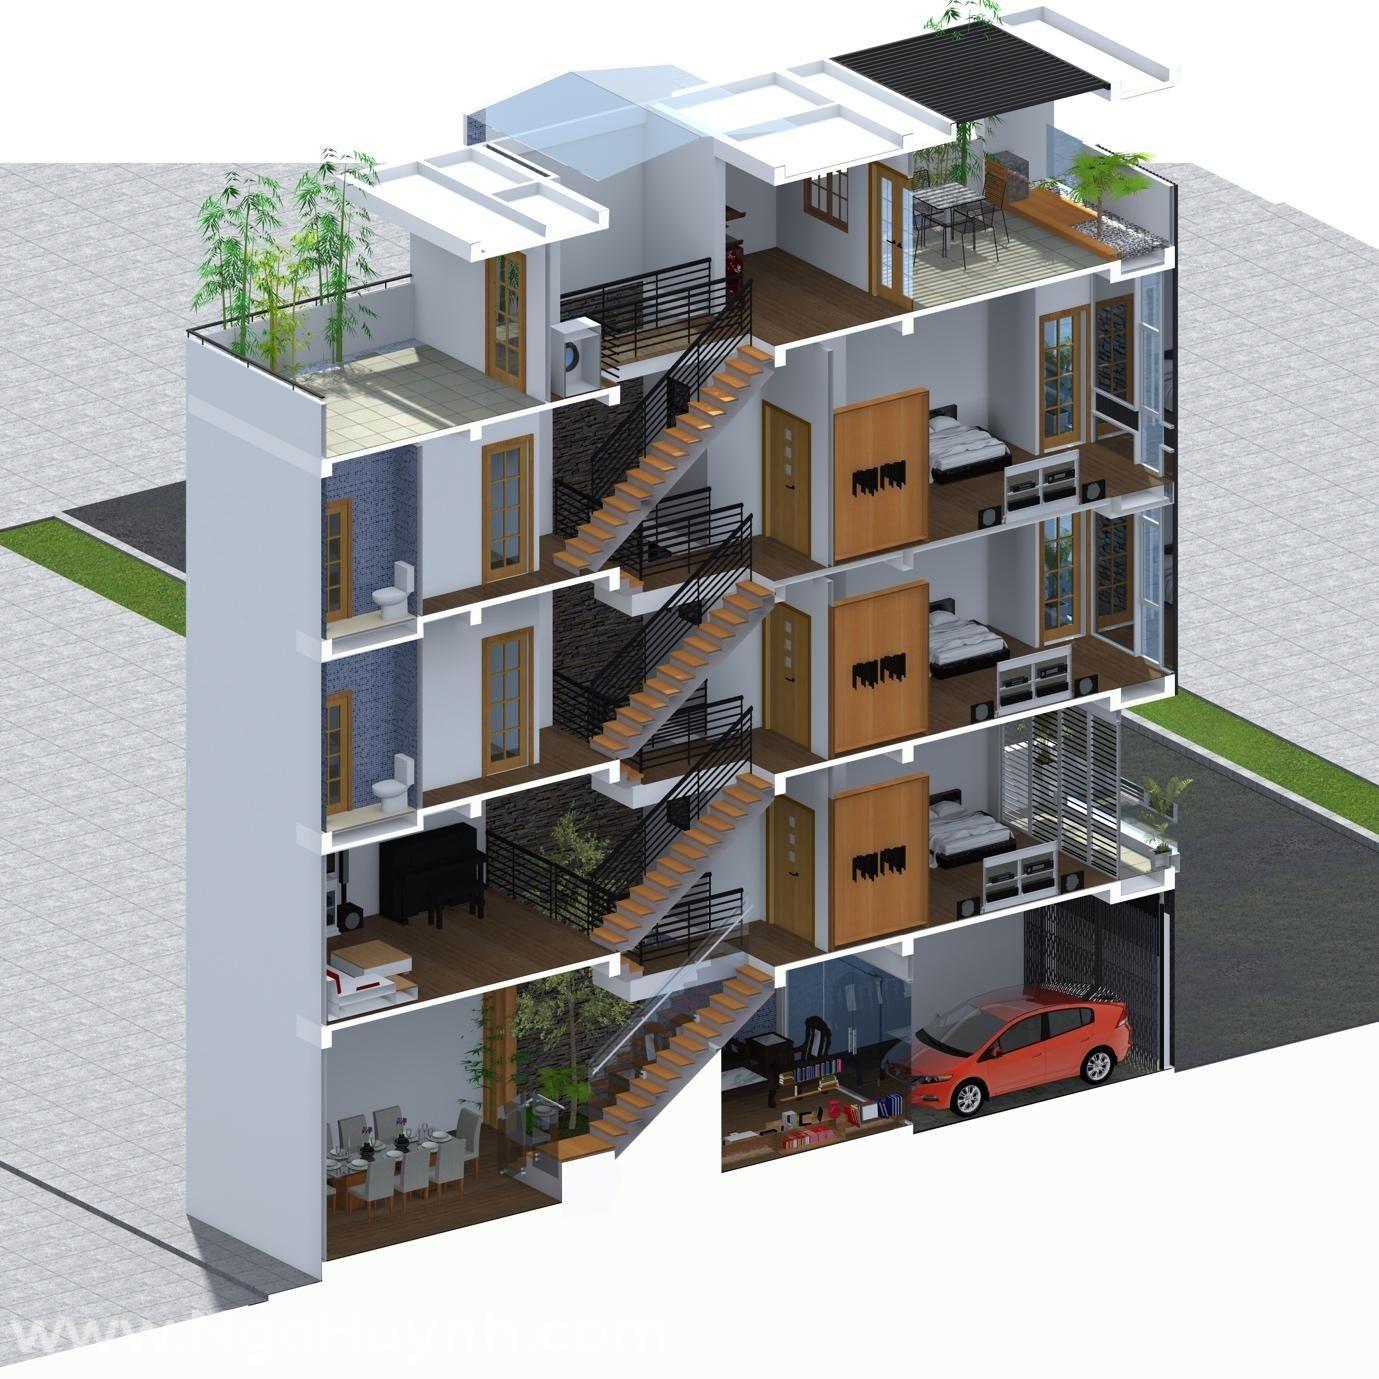 Kiến trúc nhà ở lệch tầng mang lại không gian độc đáo và mới lạ